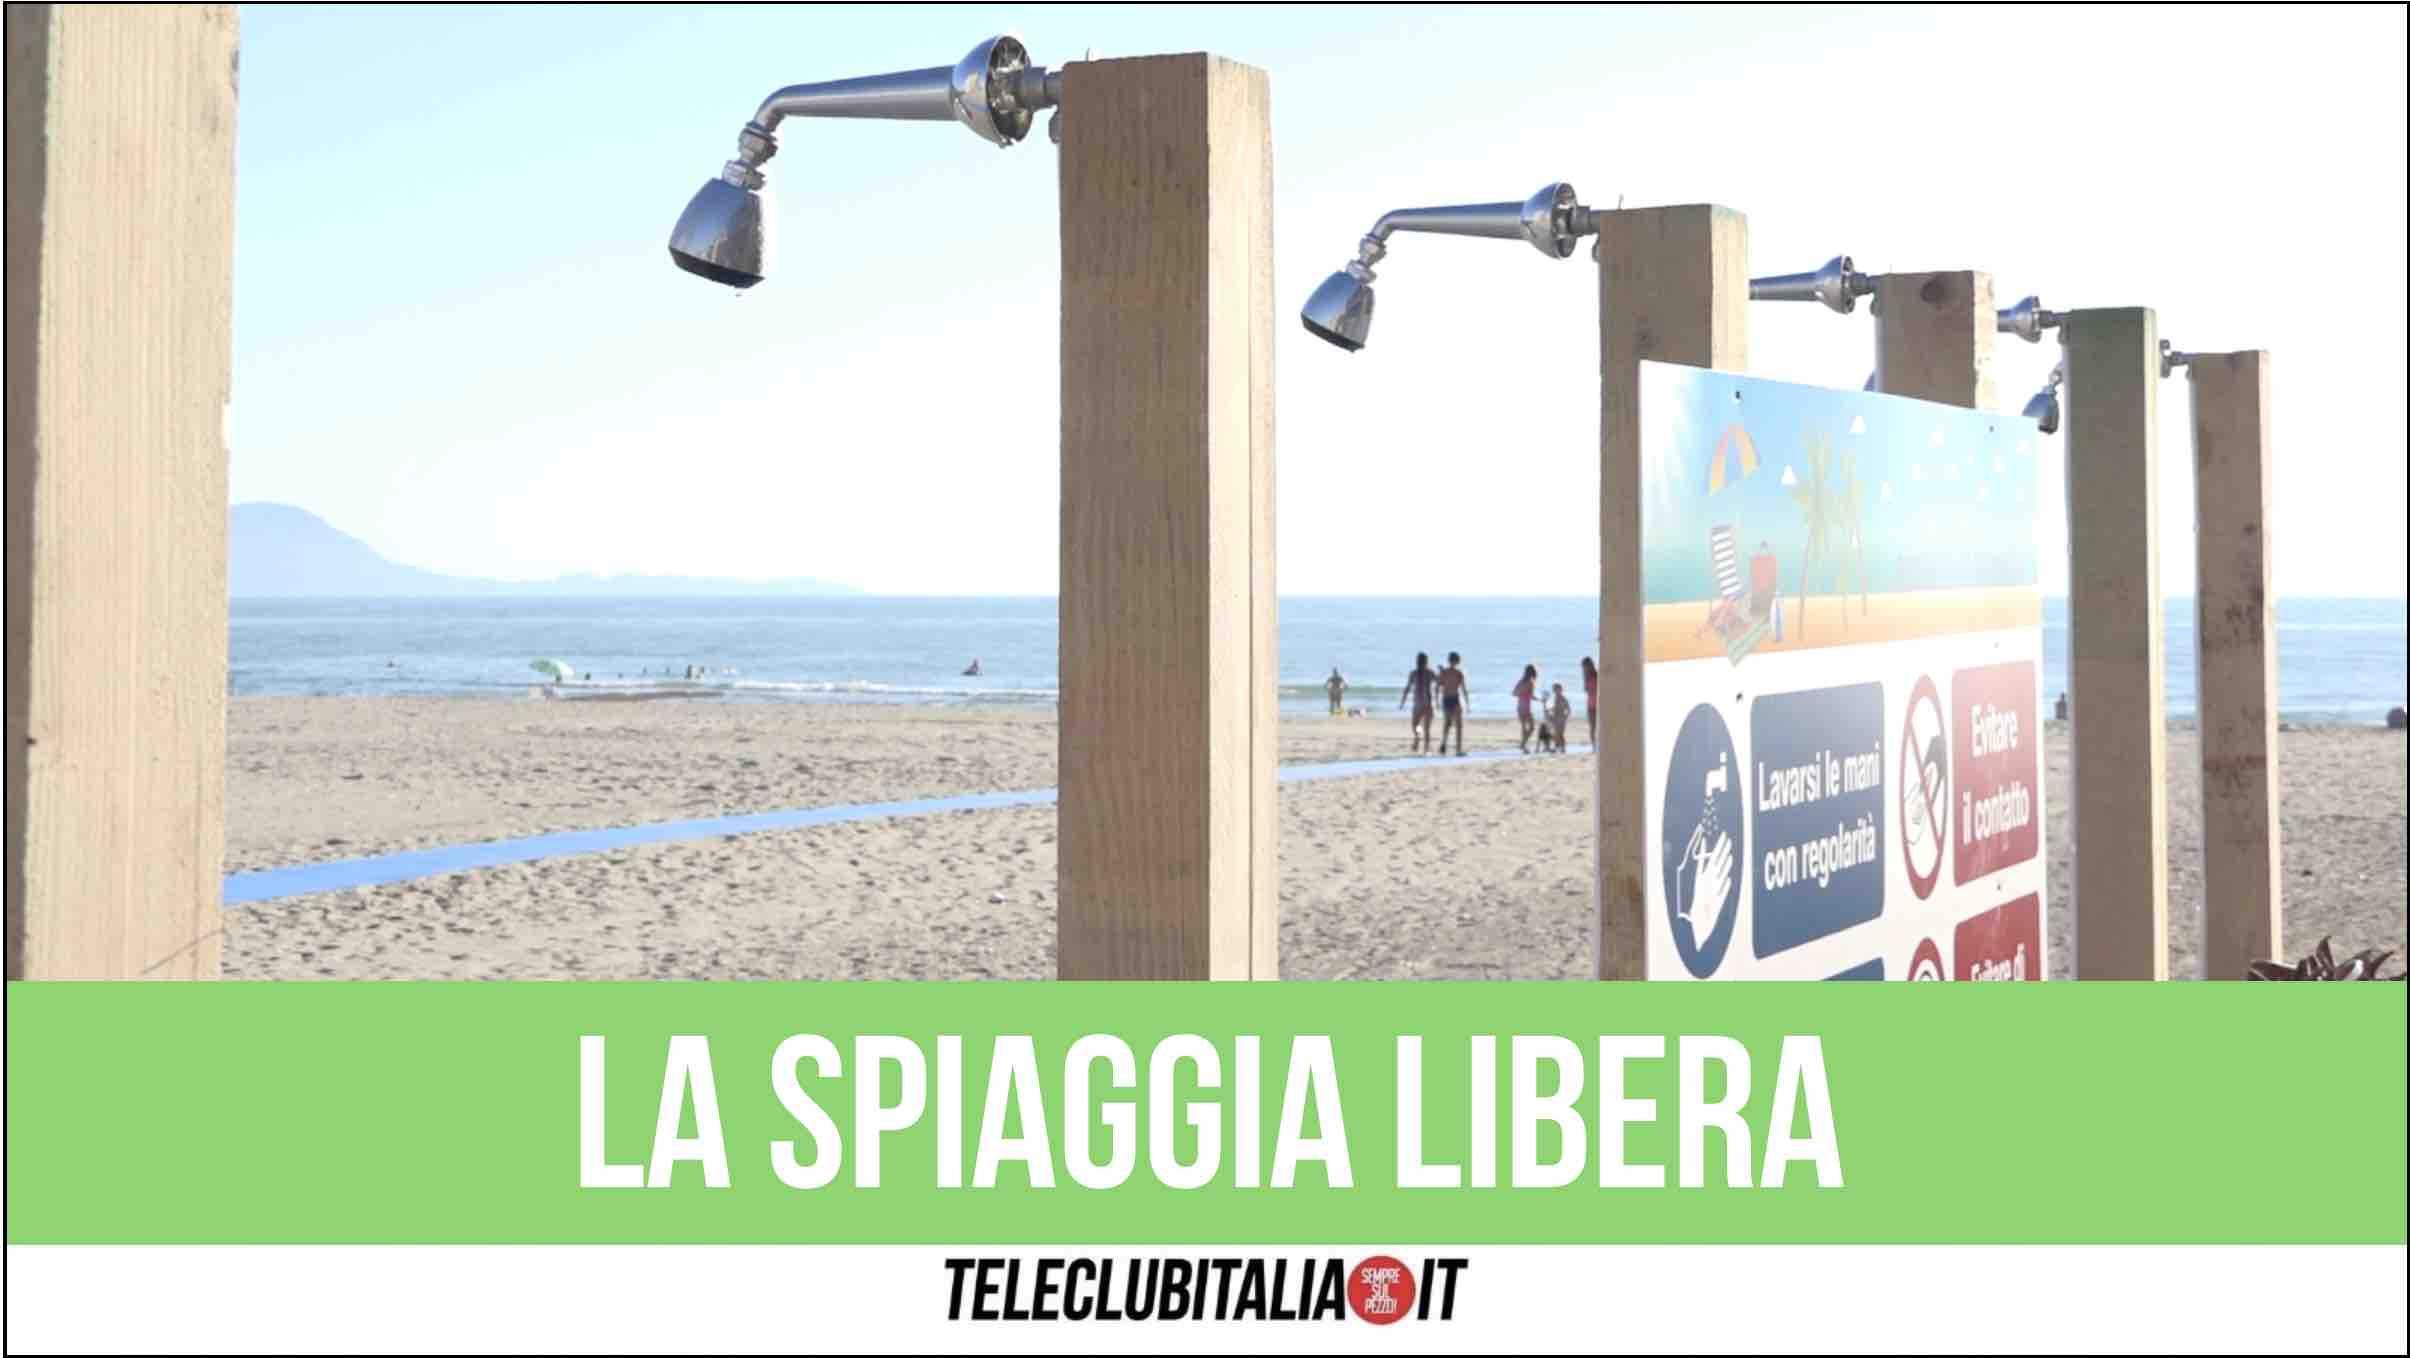 spiaggia libera licola giugliano stefano palma docce e anti covid